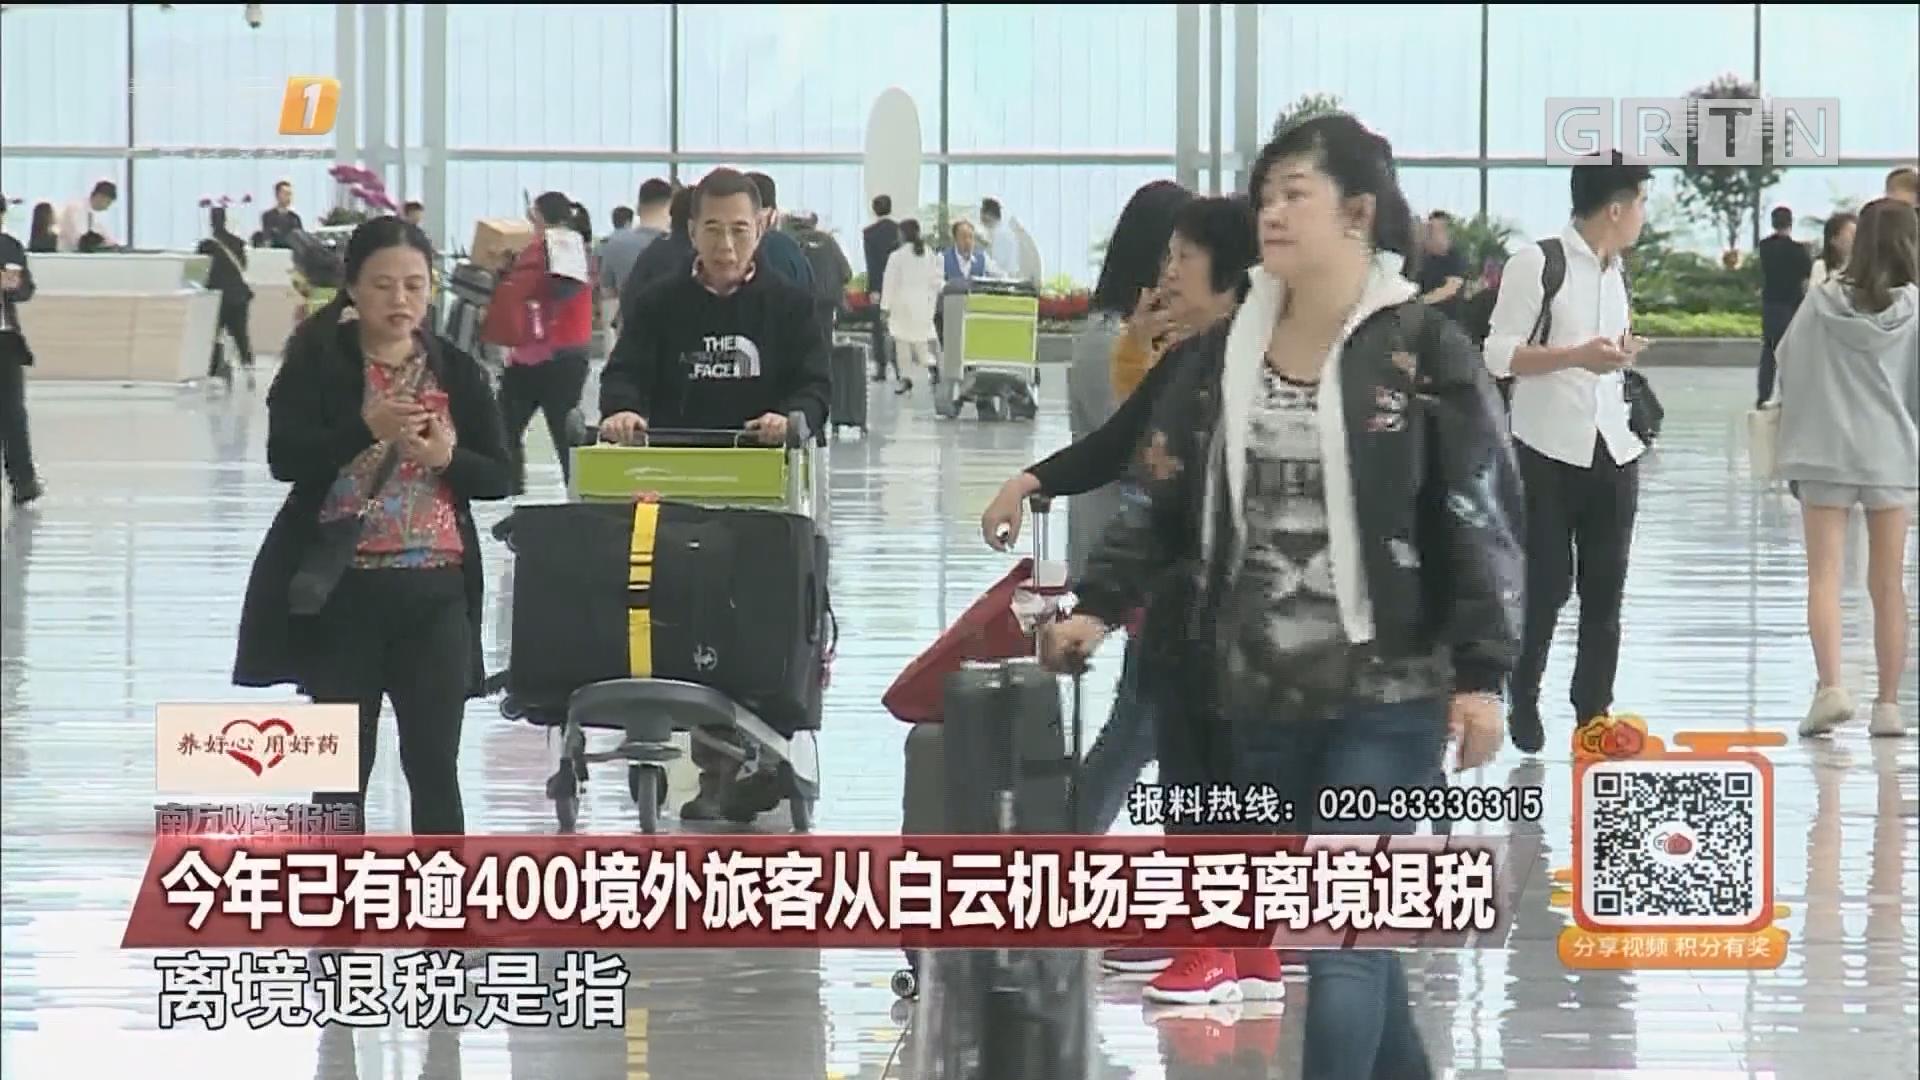 今年已有逾400境外旅客从白云机场享受离境退税